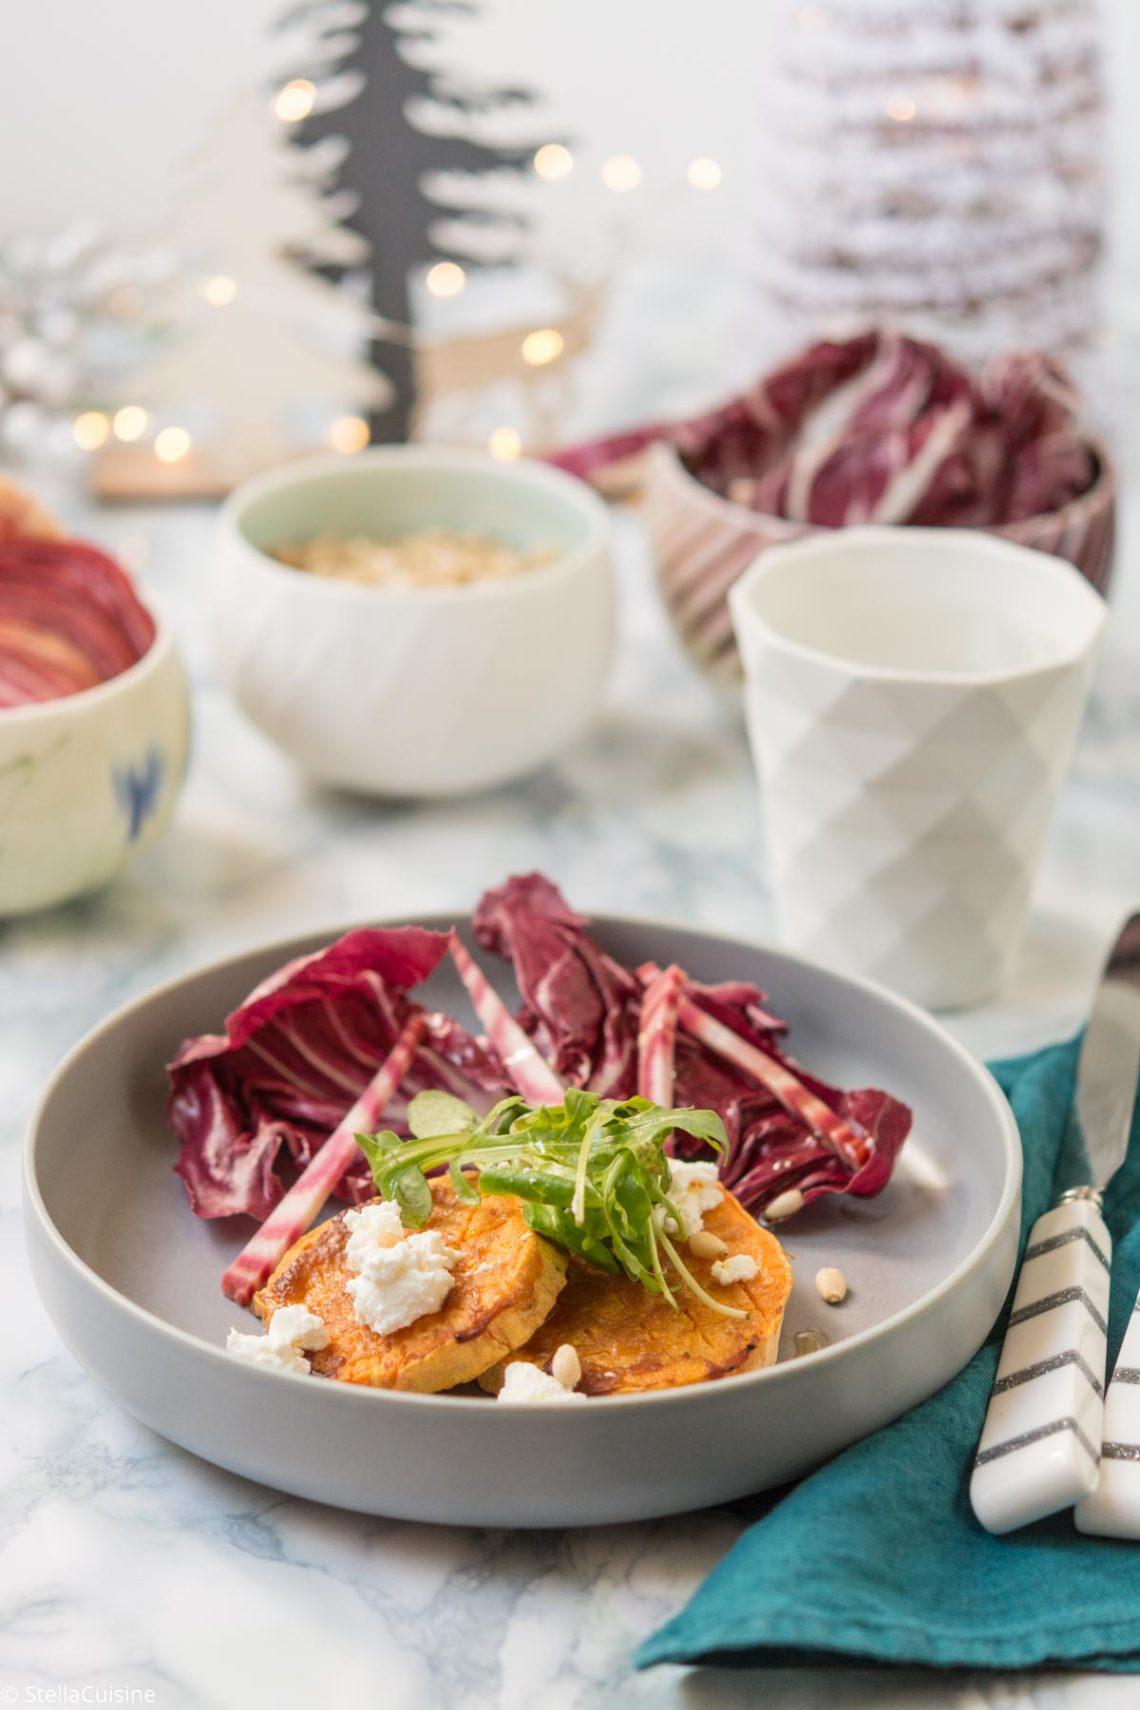 Recette de Noël végétarien : patates douces rôties au miso